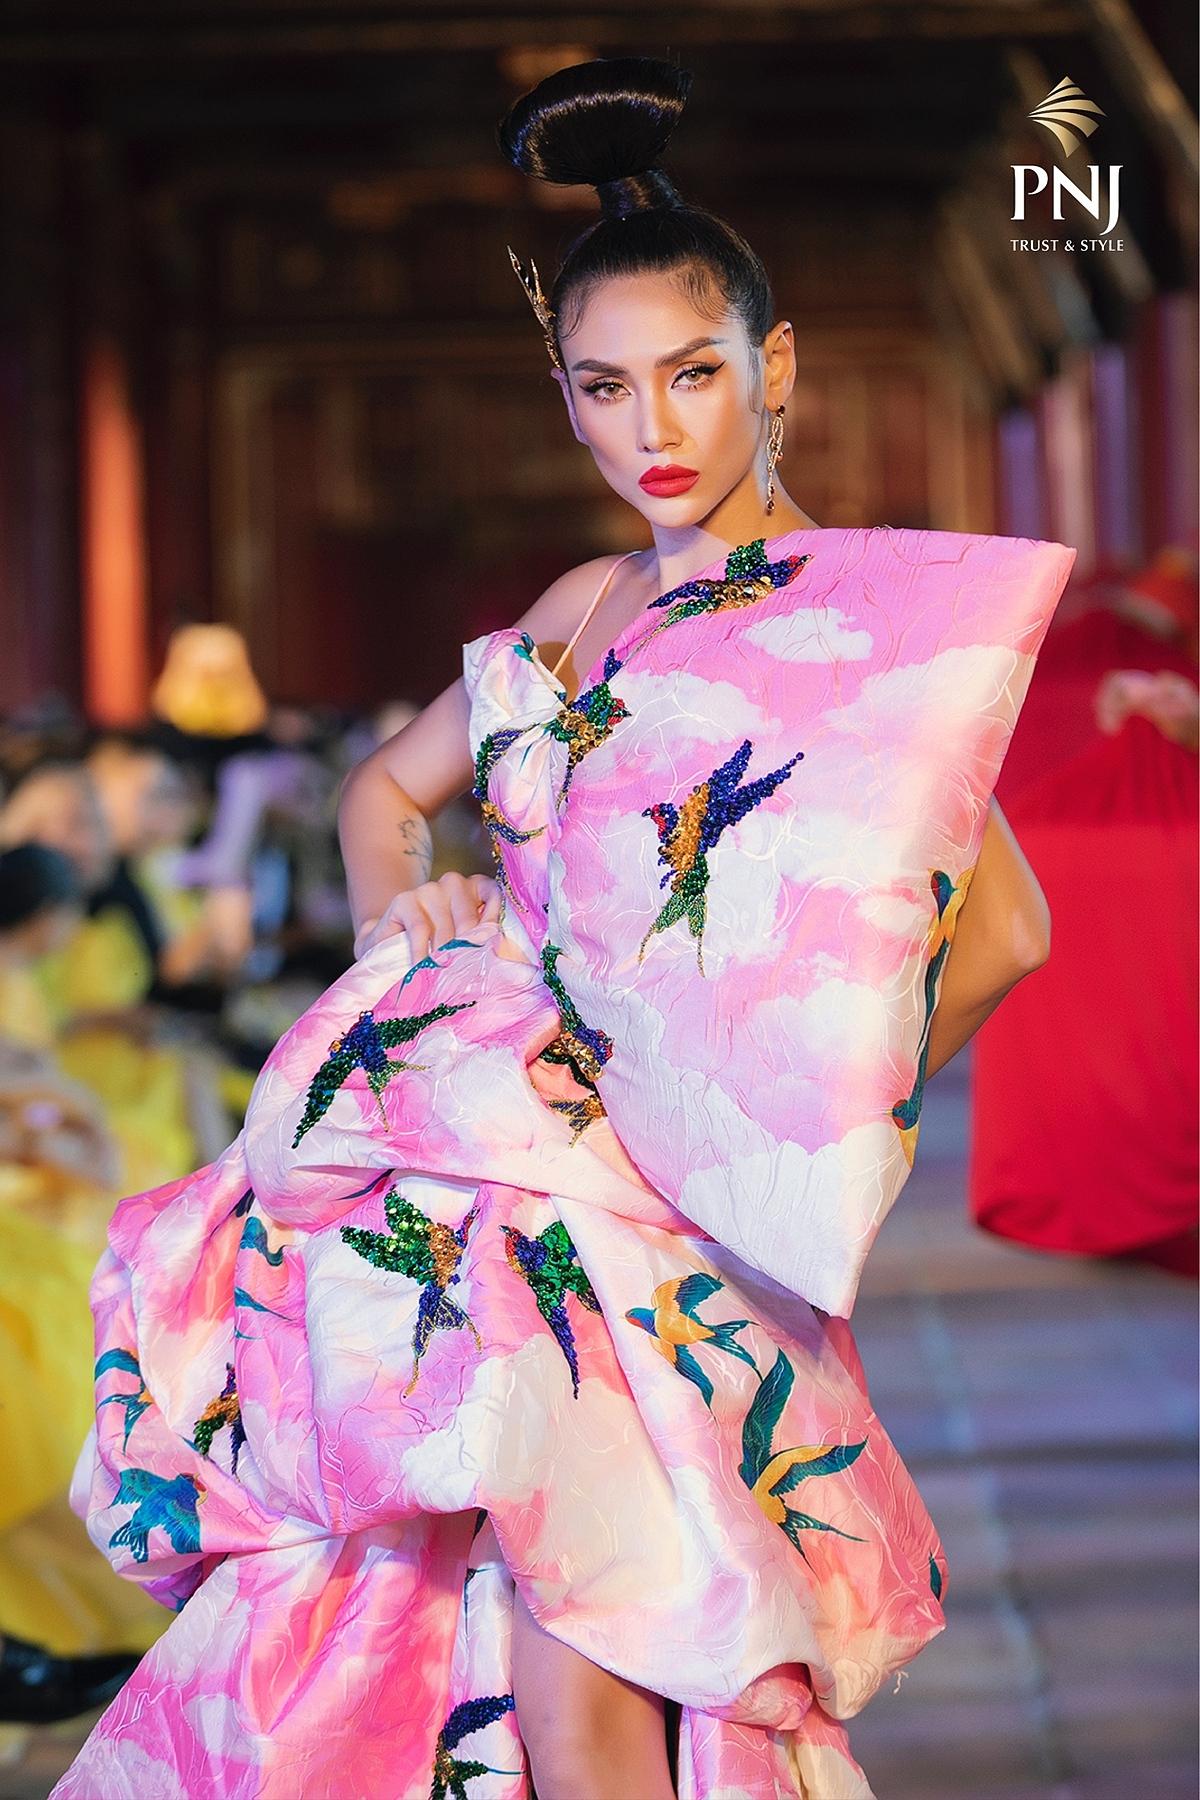 Võ Hoàng Yến là một trong ba vedette trong show diễn Vàng Son – A Better Day của bộ đôi nhà thiết kế VuNgoc&Son. Ngoài giới thiệu những bộ trang phục nằm trong bộ sưu tập mới mang âm hưởng văn hóa phương Đông, bộ đôi nhà thiết kế còn muốn quảng bá hình ảnh văn hóa Việt Nam rộng rãi hơn.